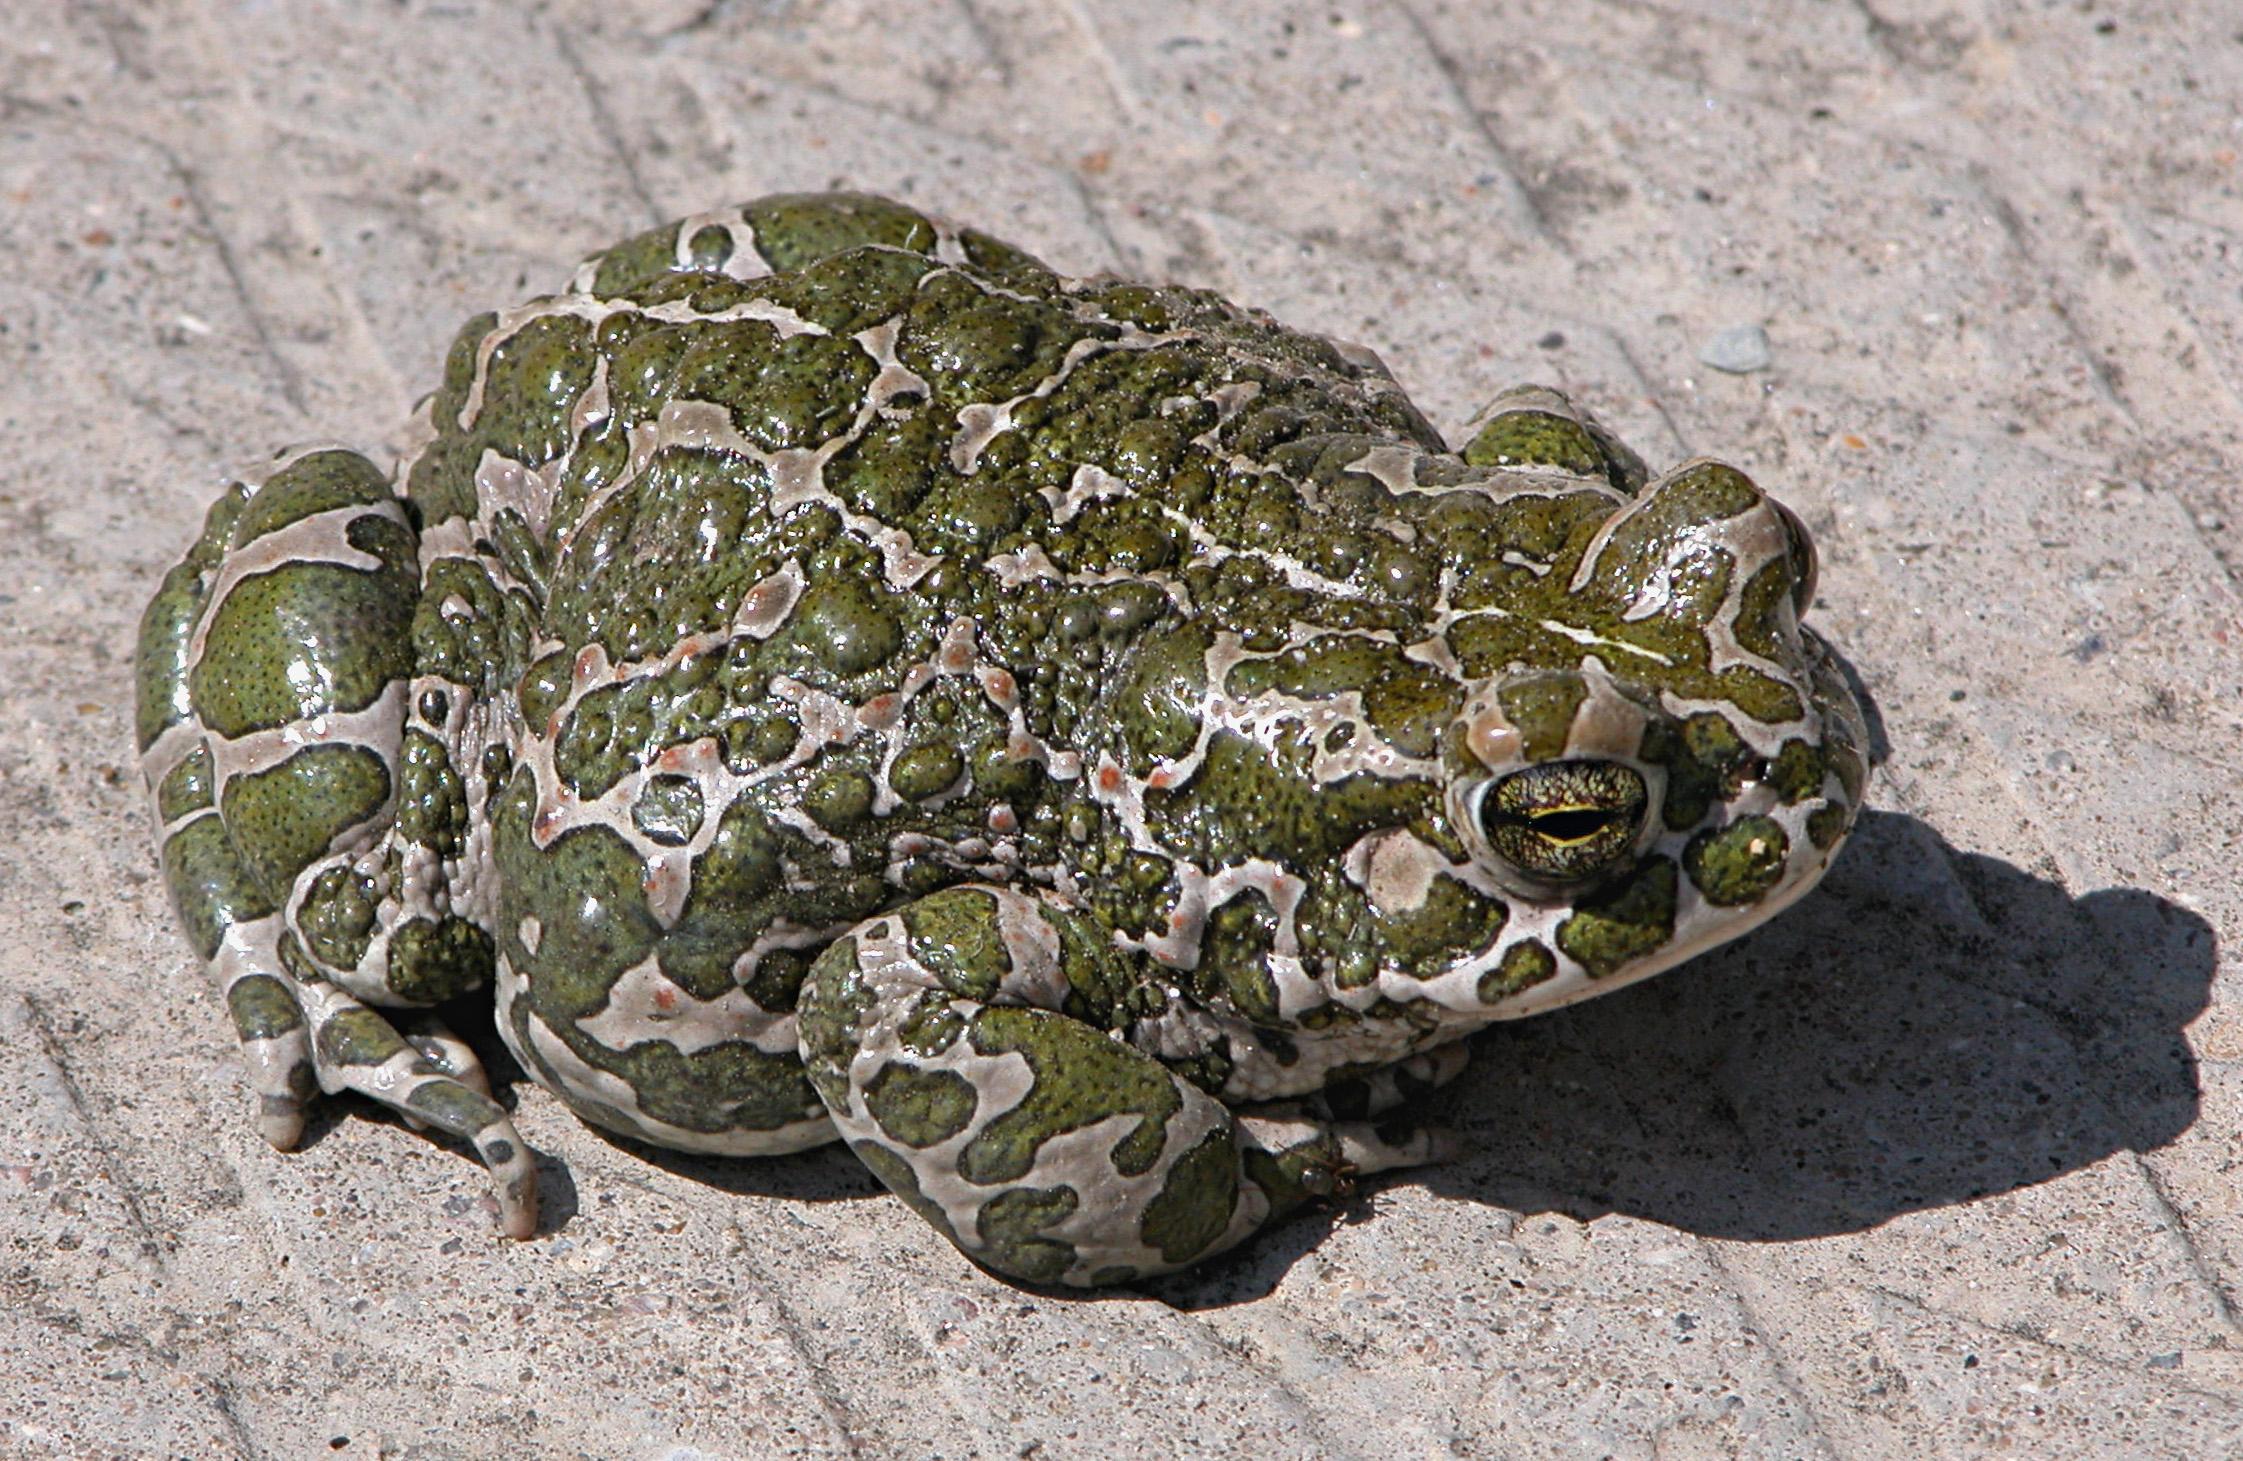 Зелёная жаба - это... Что такое Зелёная жаба? Жаба Зеленая